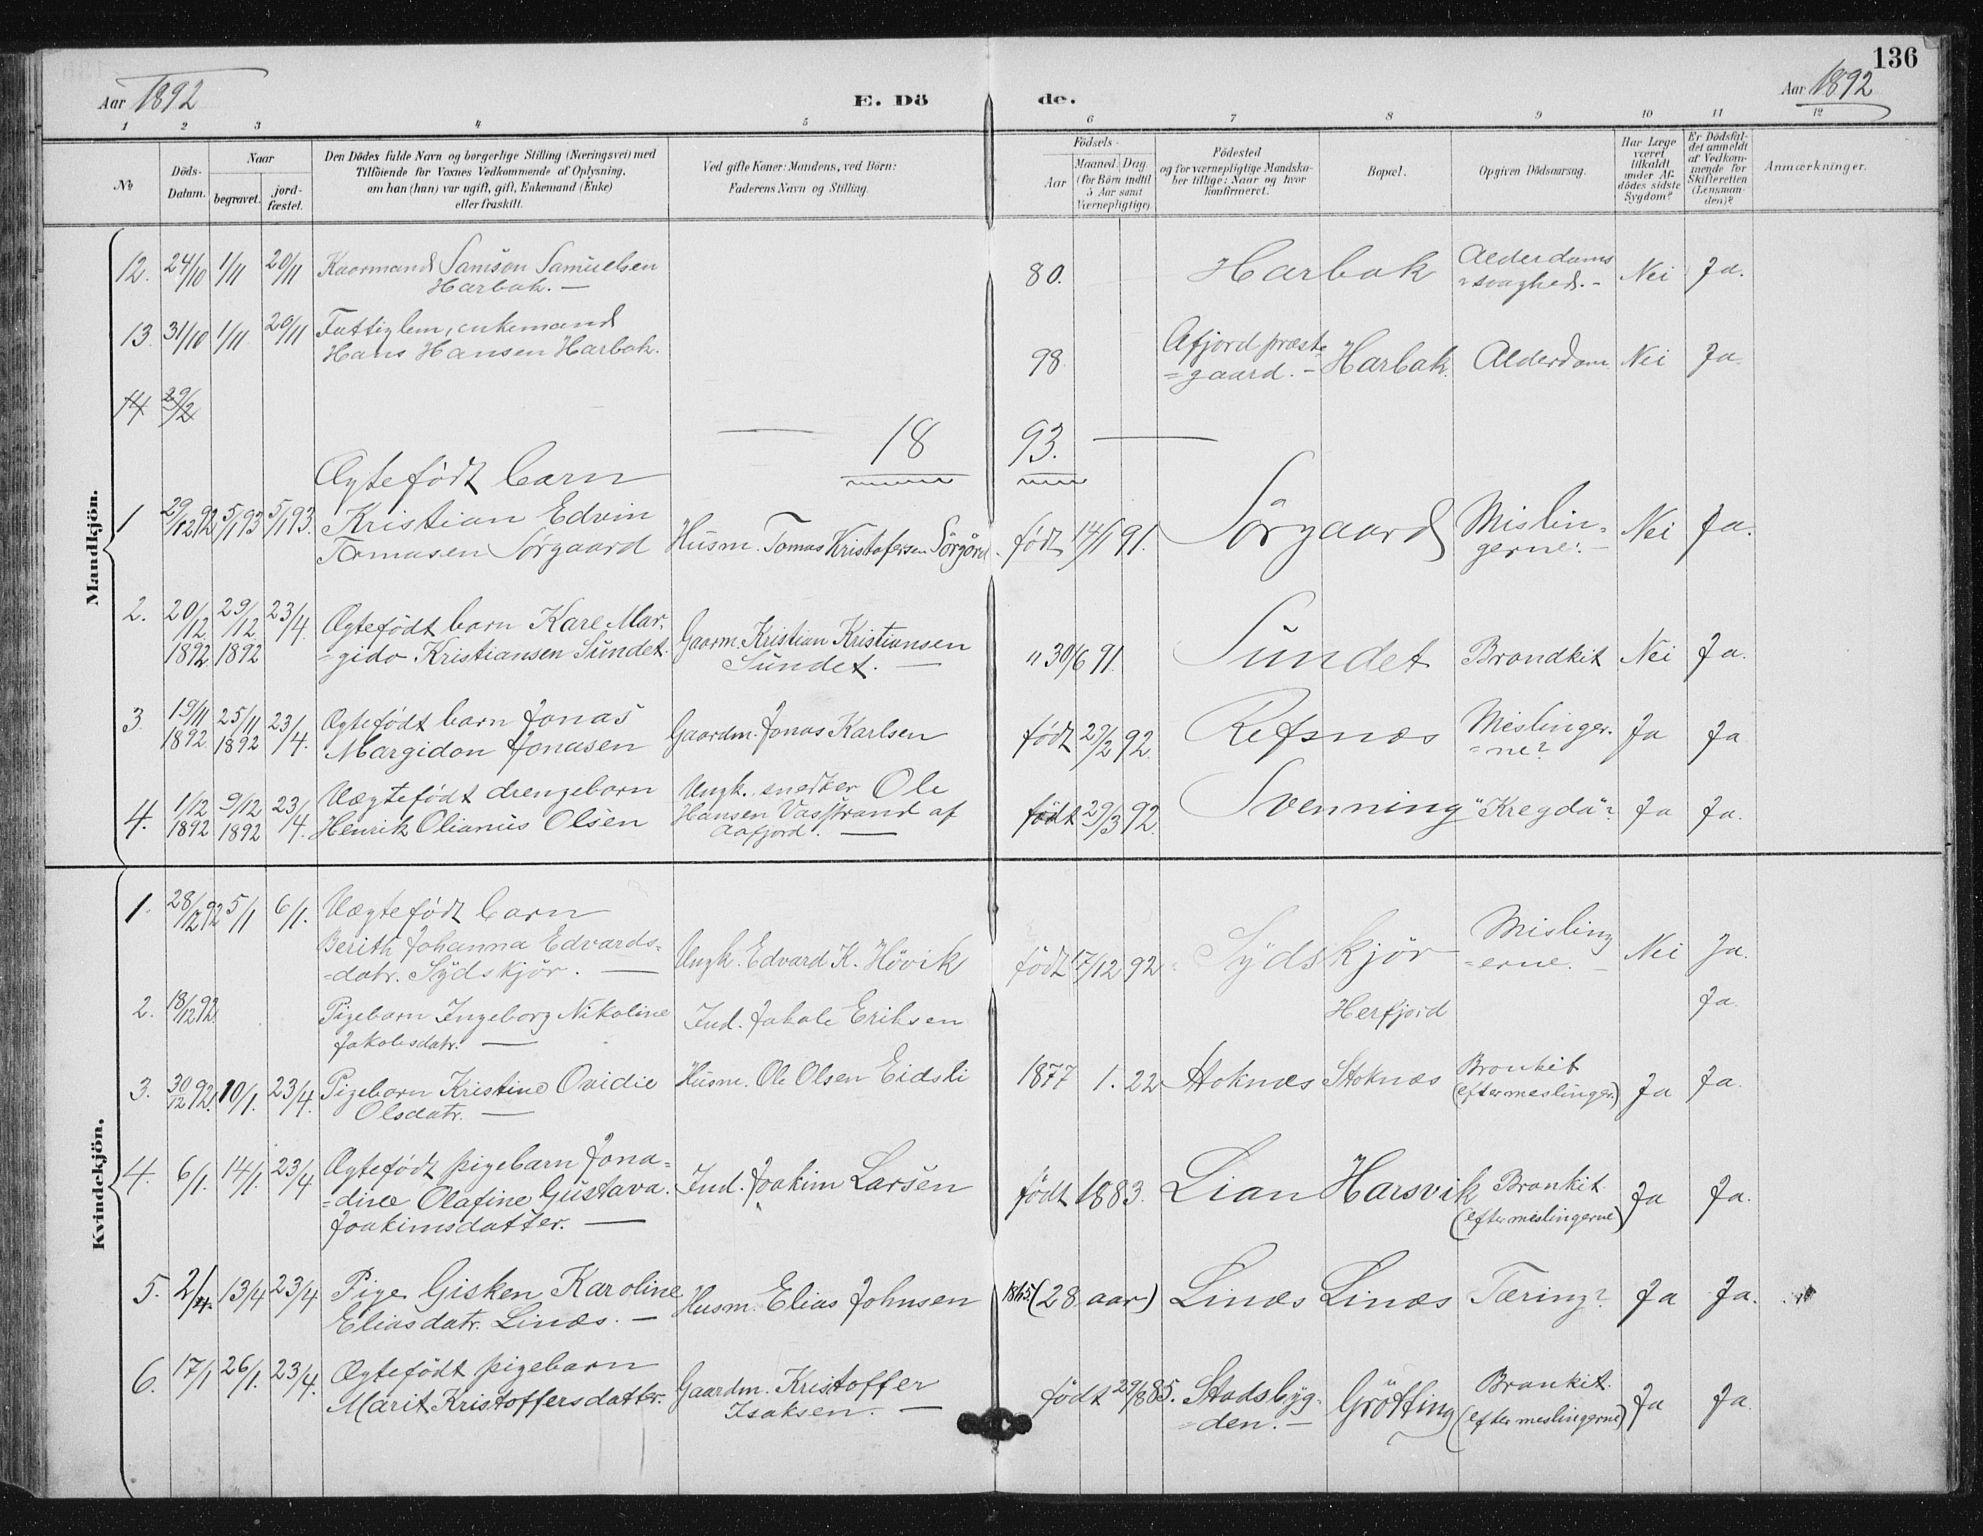 SAT, Ministerialprotokoller, klokkerbøker og fødselsregistre - Sør-Trøndelag, 656/L0698: Klokkerbok nr. 656C04, 1890-1904, s. 136